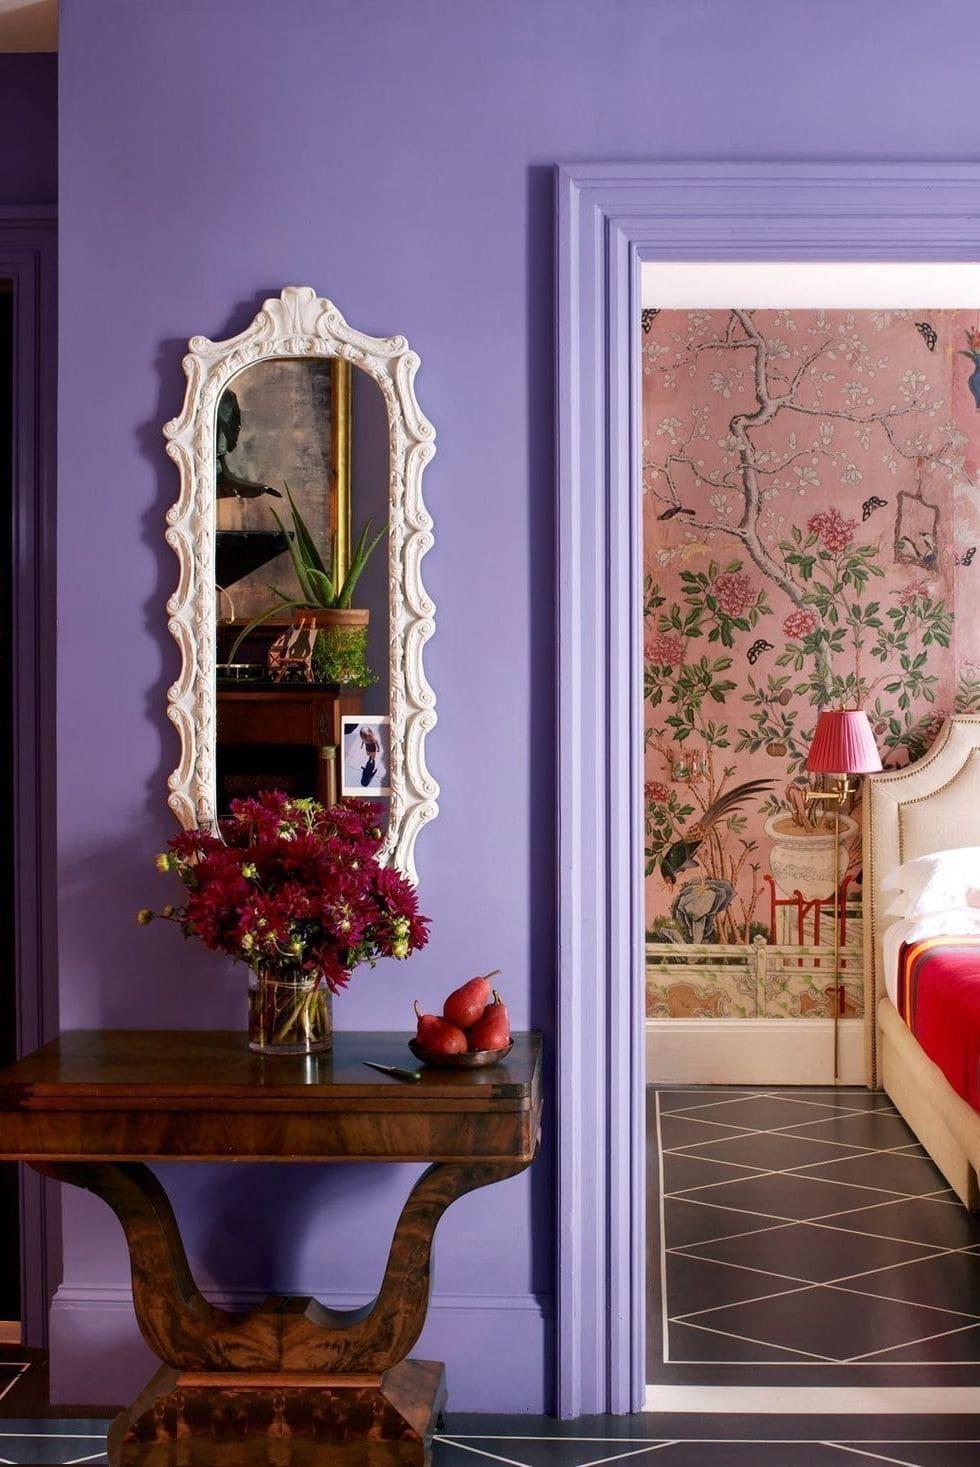 couleur violette à l'intérieur photo 5